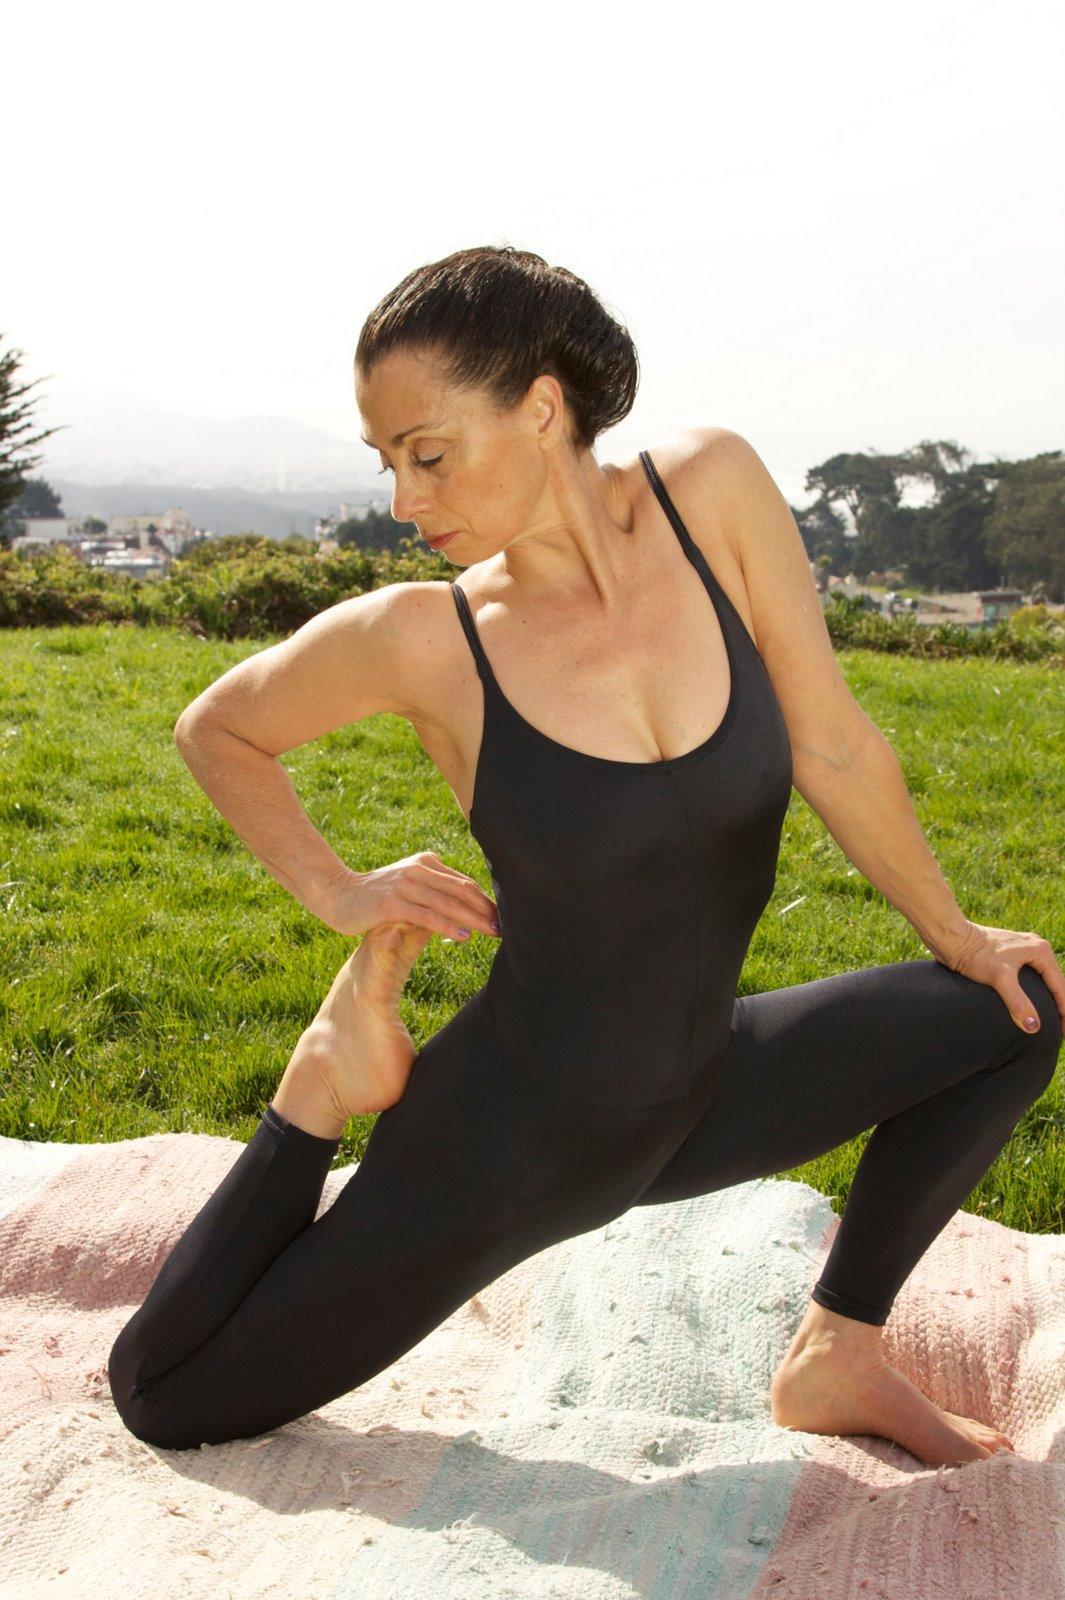 Fine Body Yoga The San Francisco Yoga School